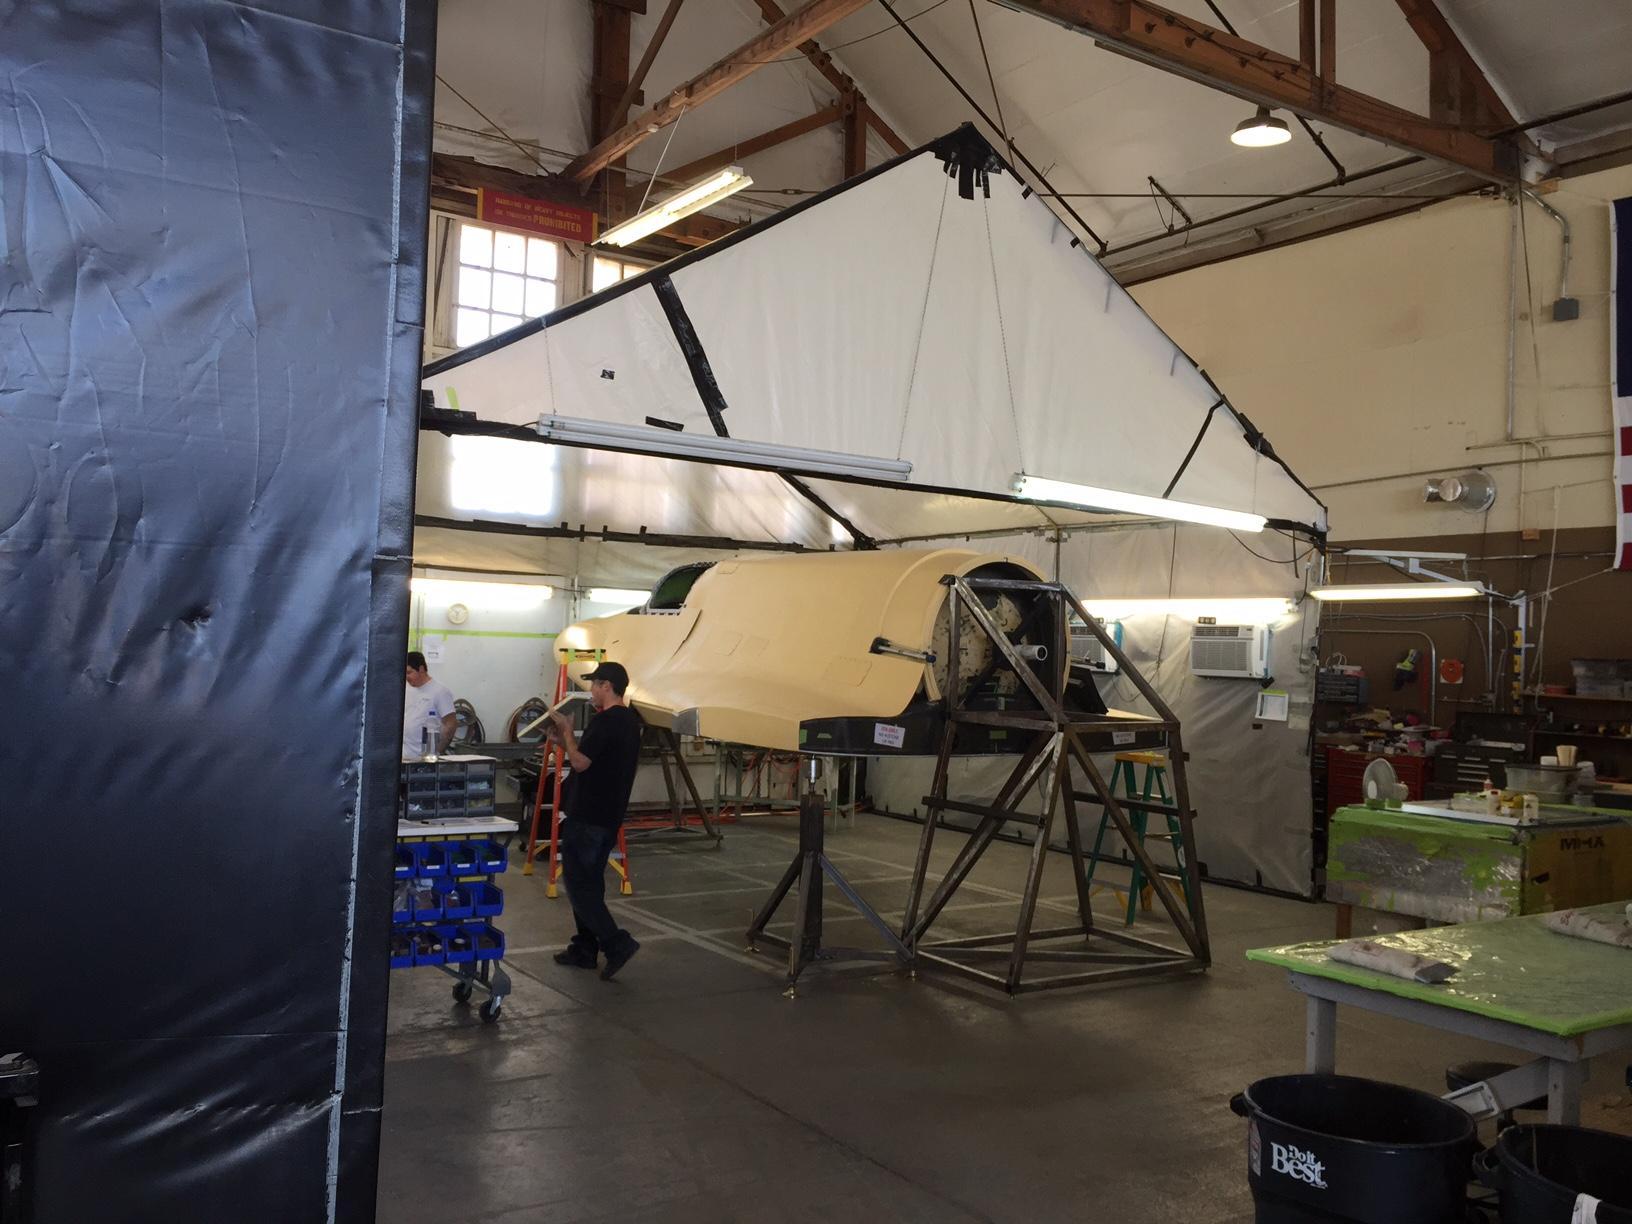 XCOR's Lynx Space Plane Prototype